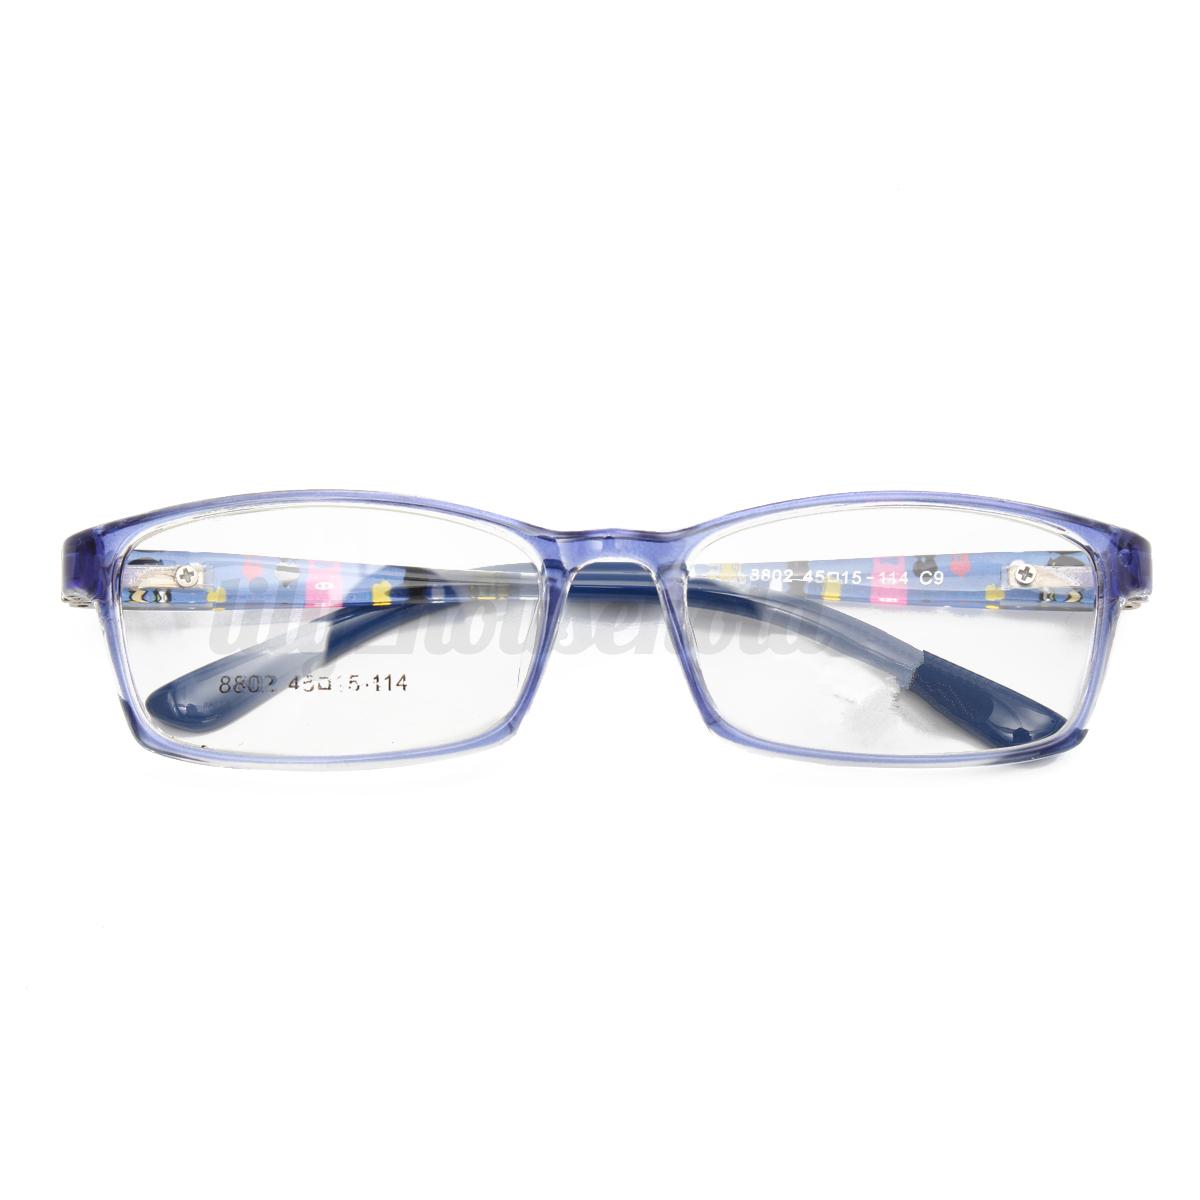 Kinder Brille Brillengestell Brillenfassung Nerd Brillen Vollrand ...